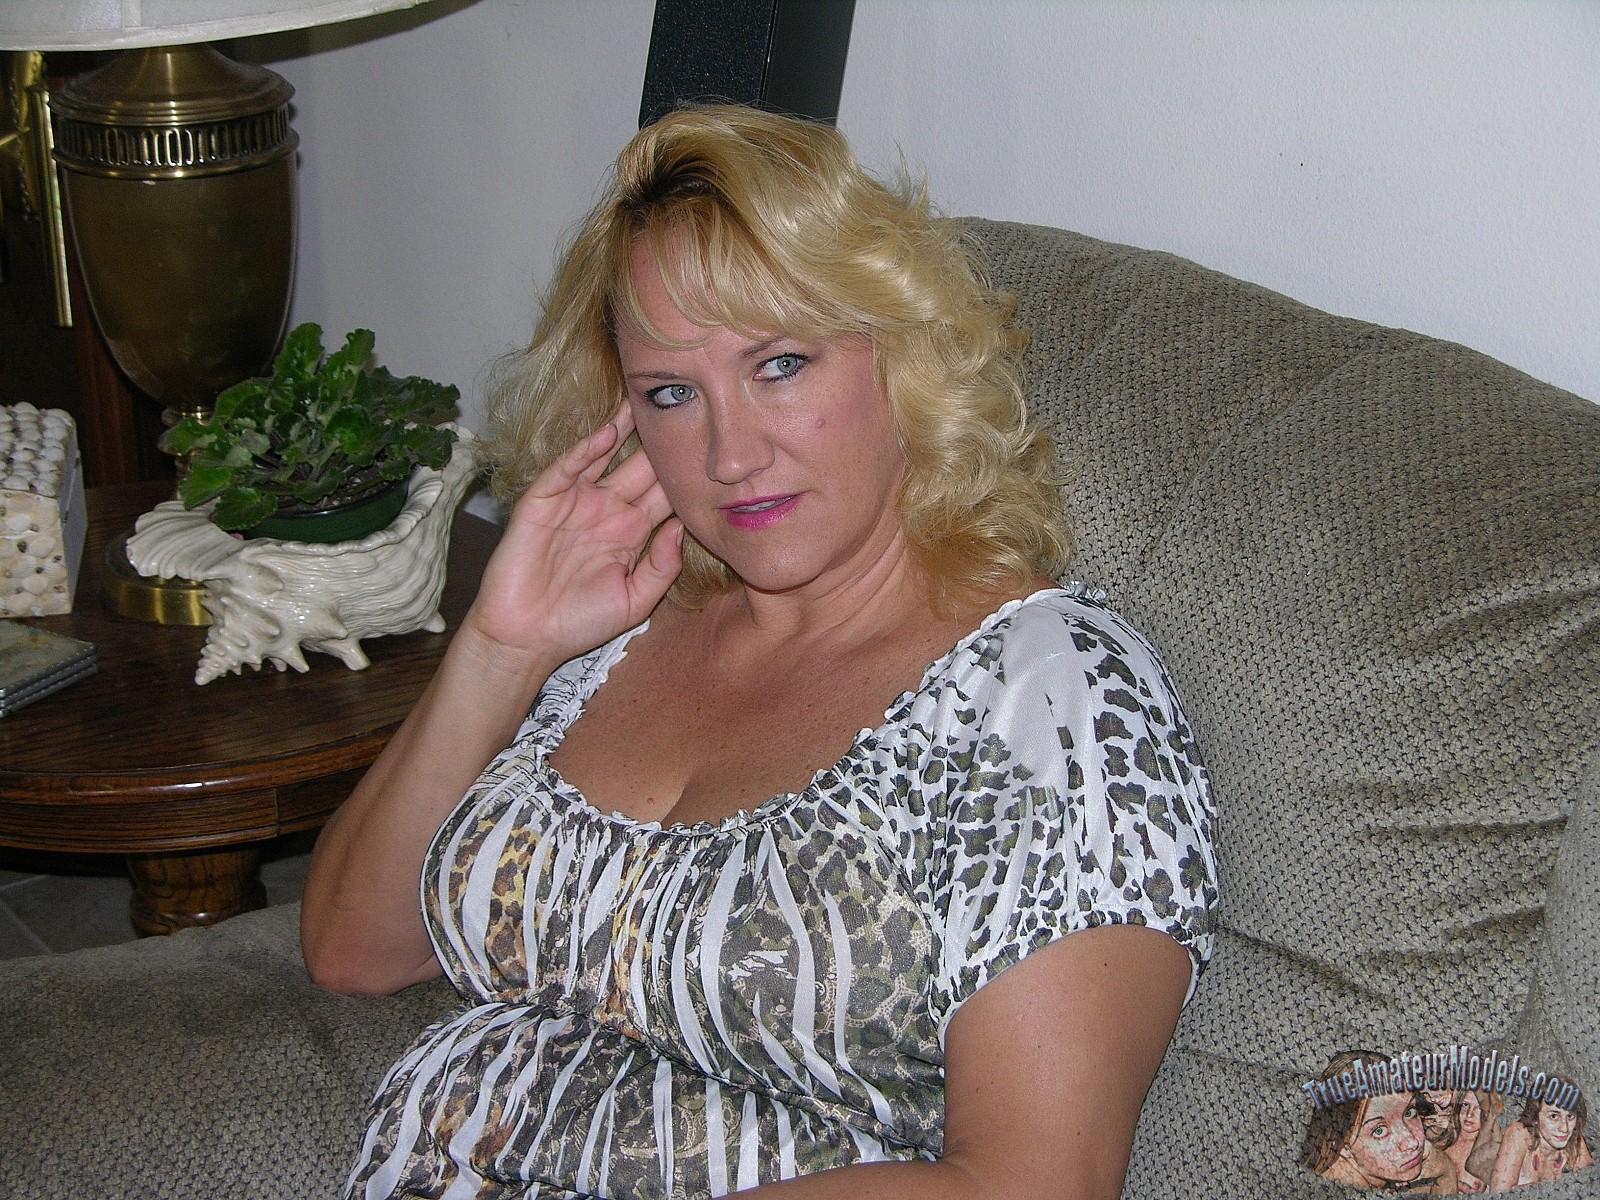 Pics chubby milf nude amateur frau